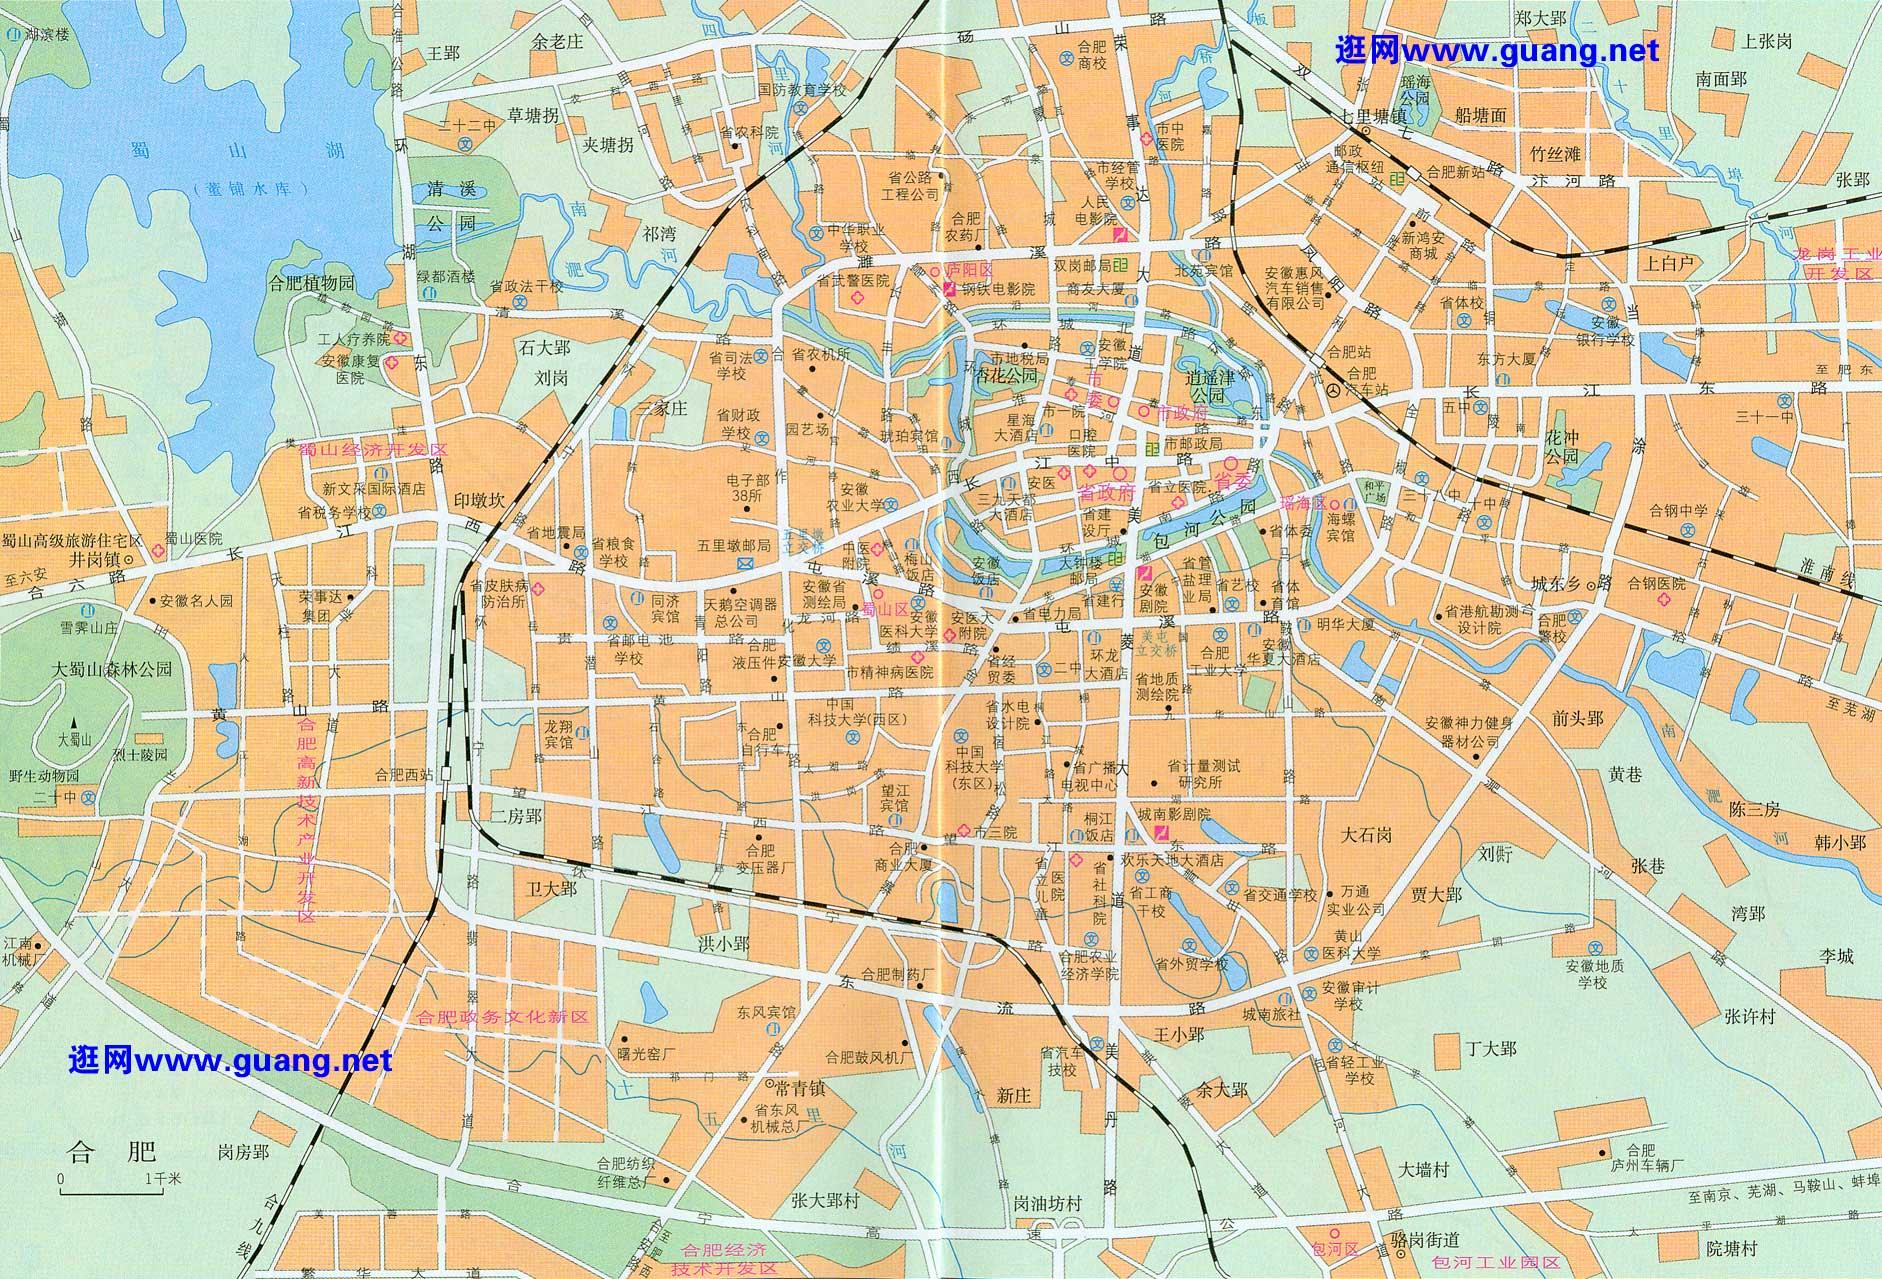 合肥市区地图